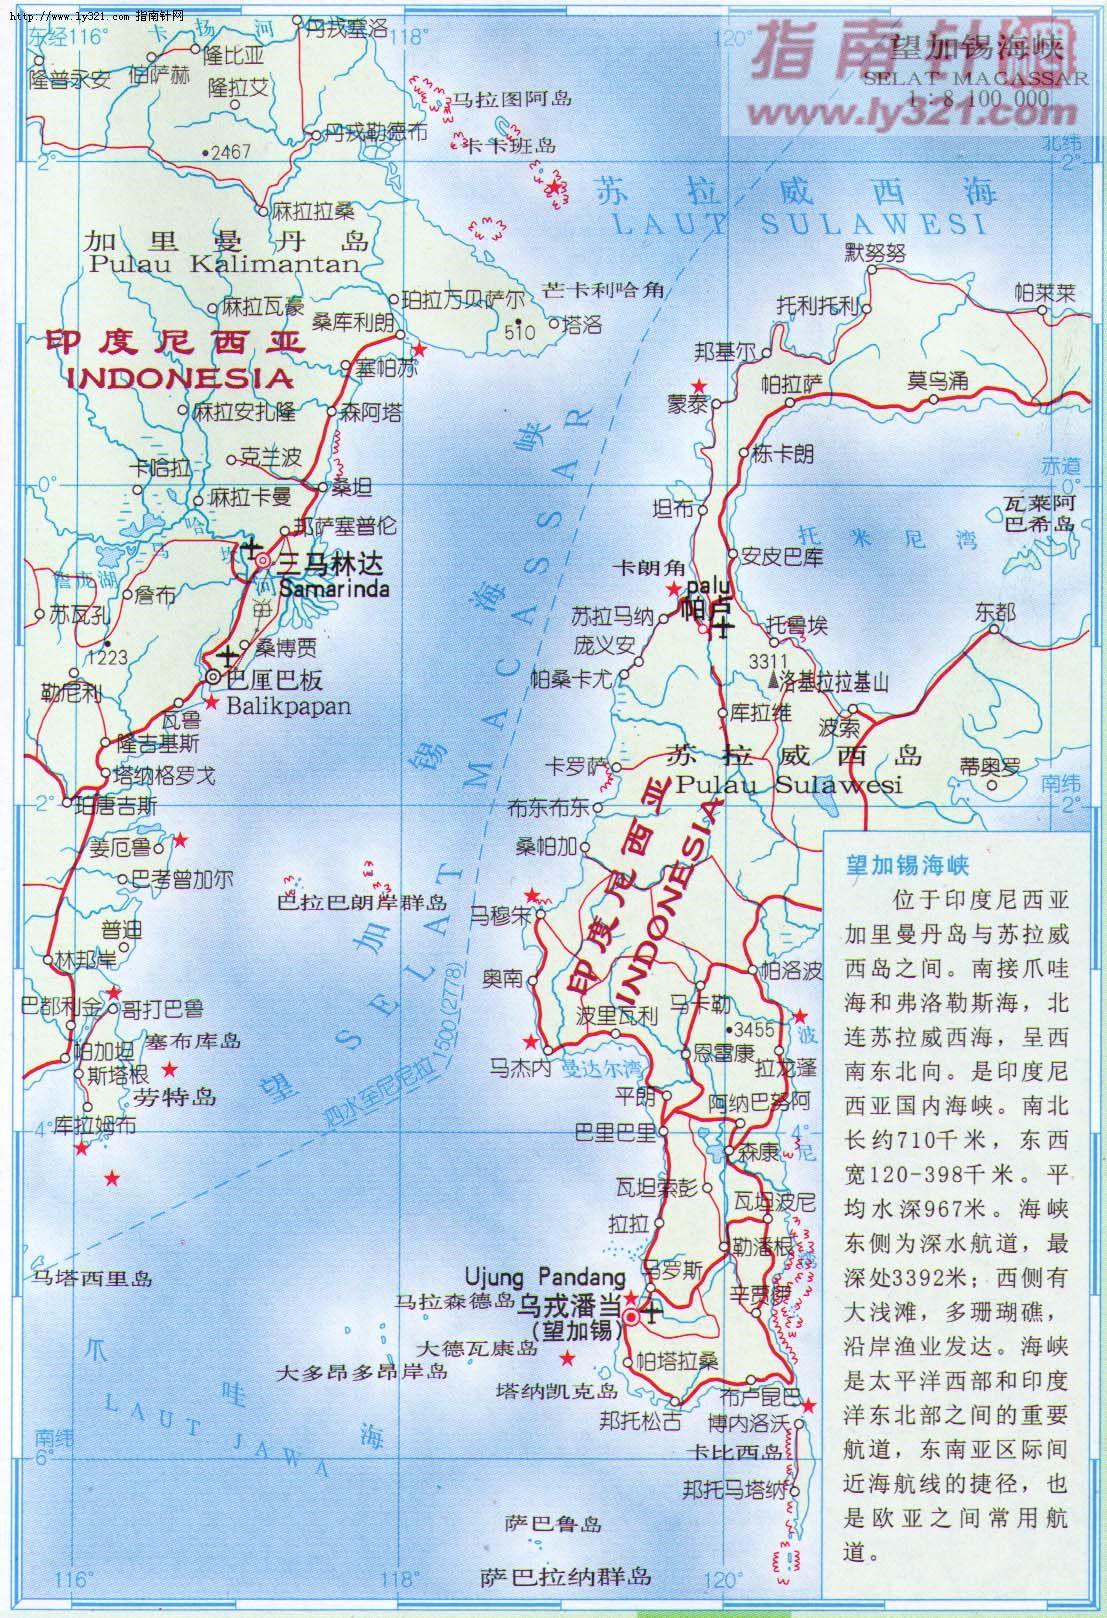 望加锡海峡地图